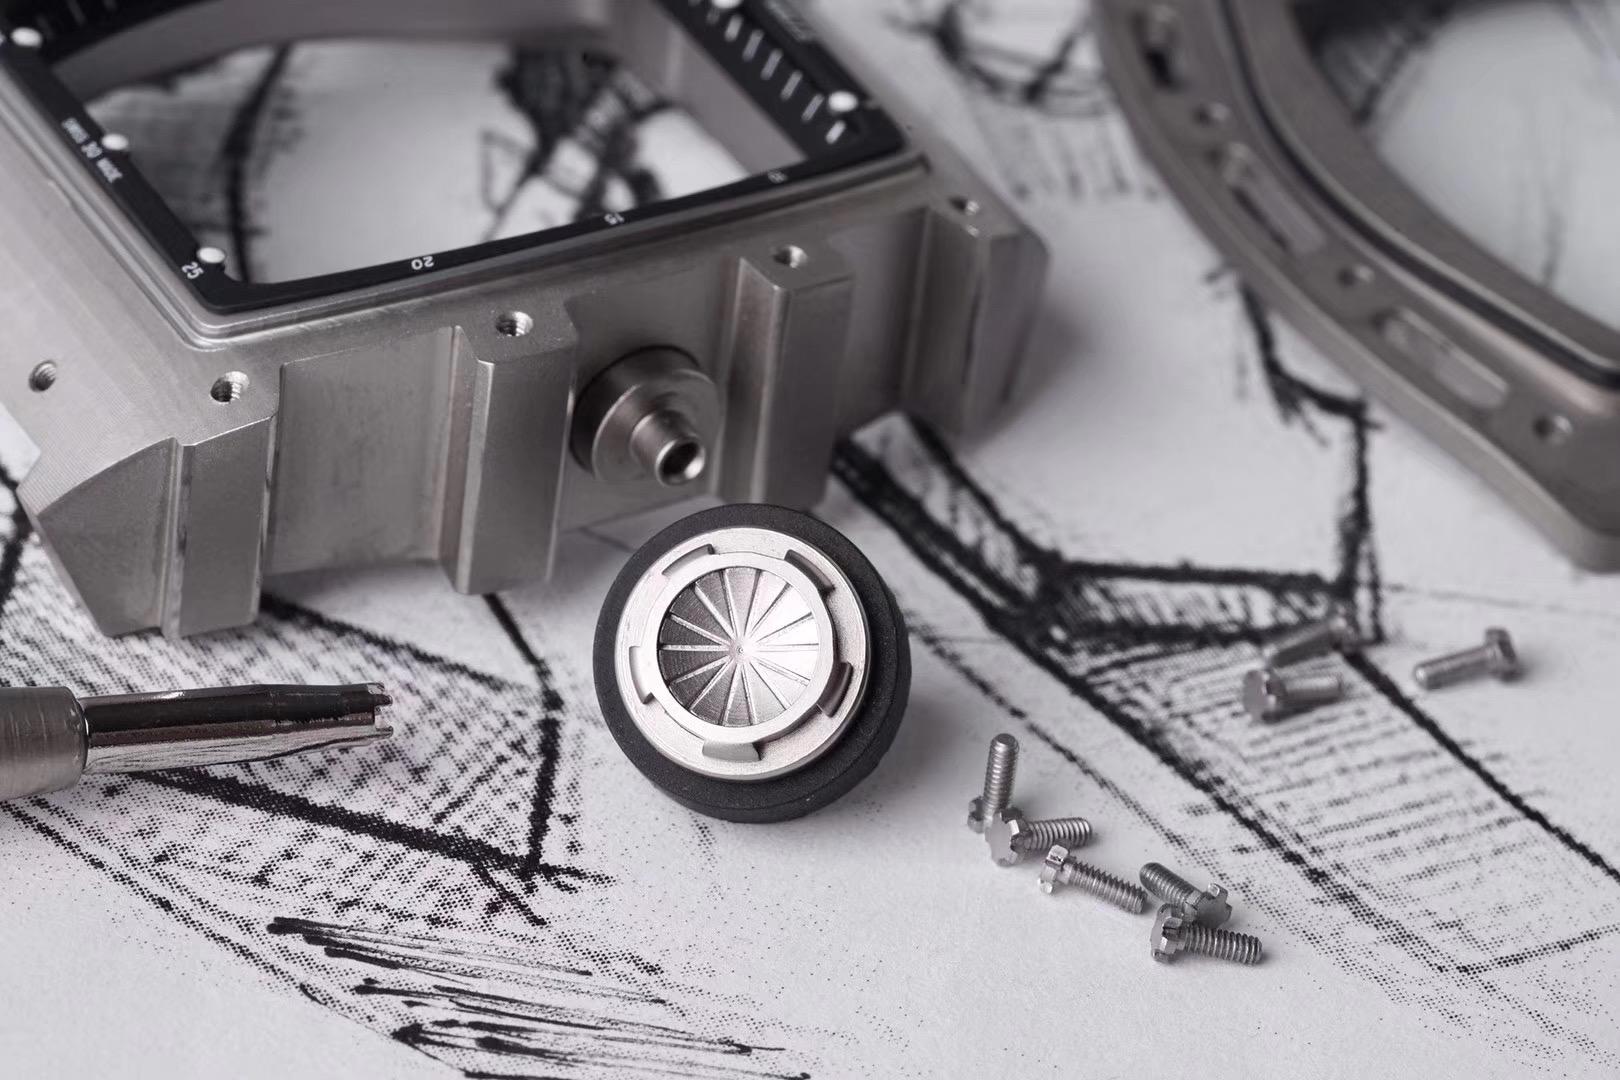 理查德米勒RM052顶级复刻表骷髅头镂空陀飞轮